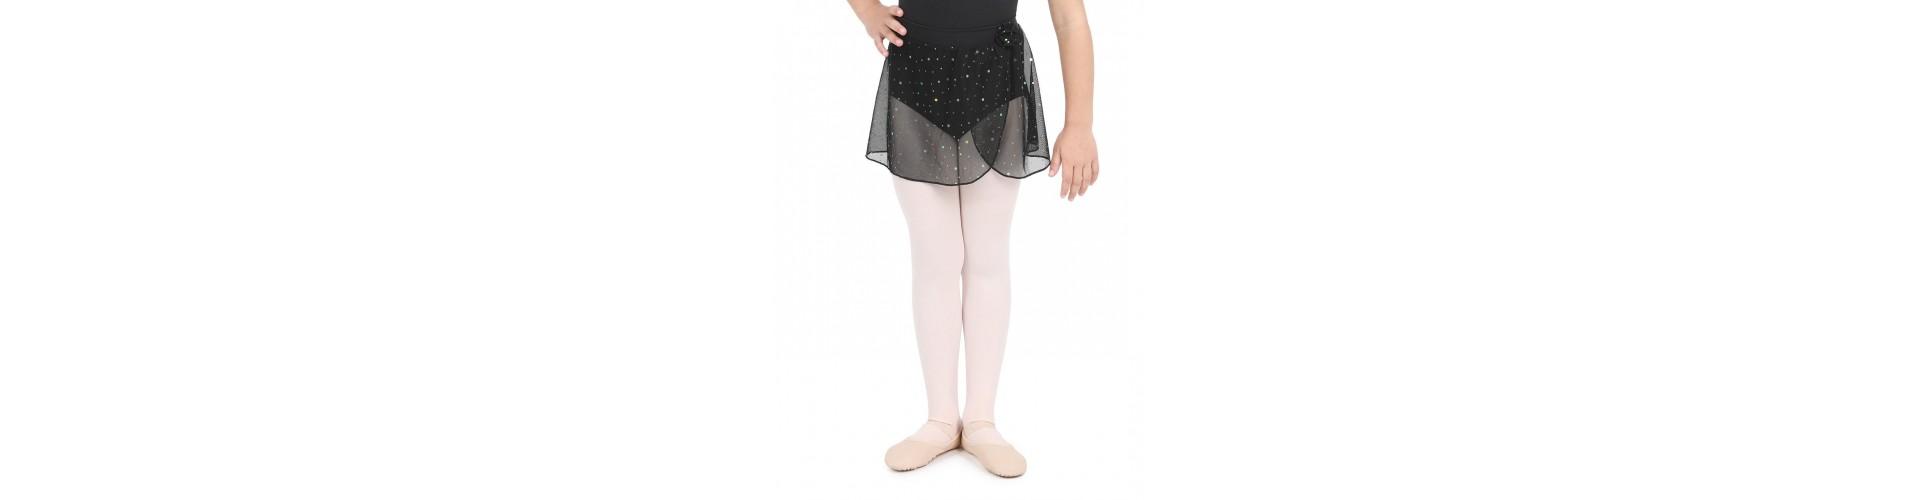 Jupettes danse classique fille